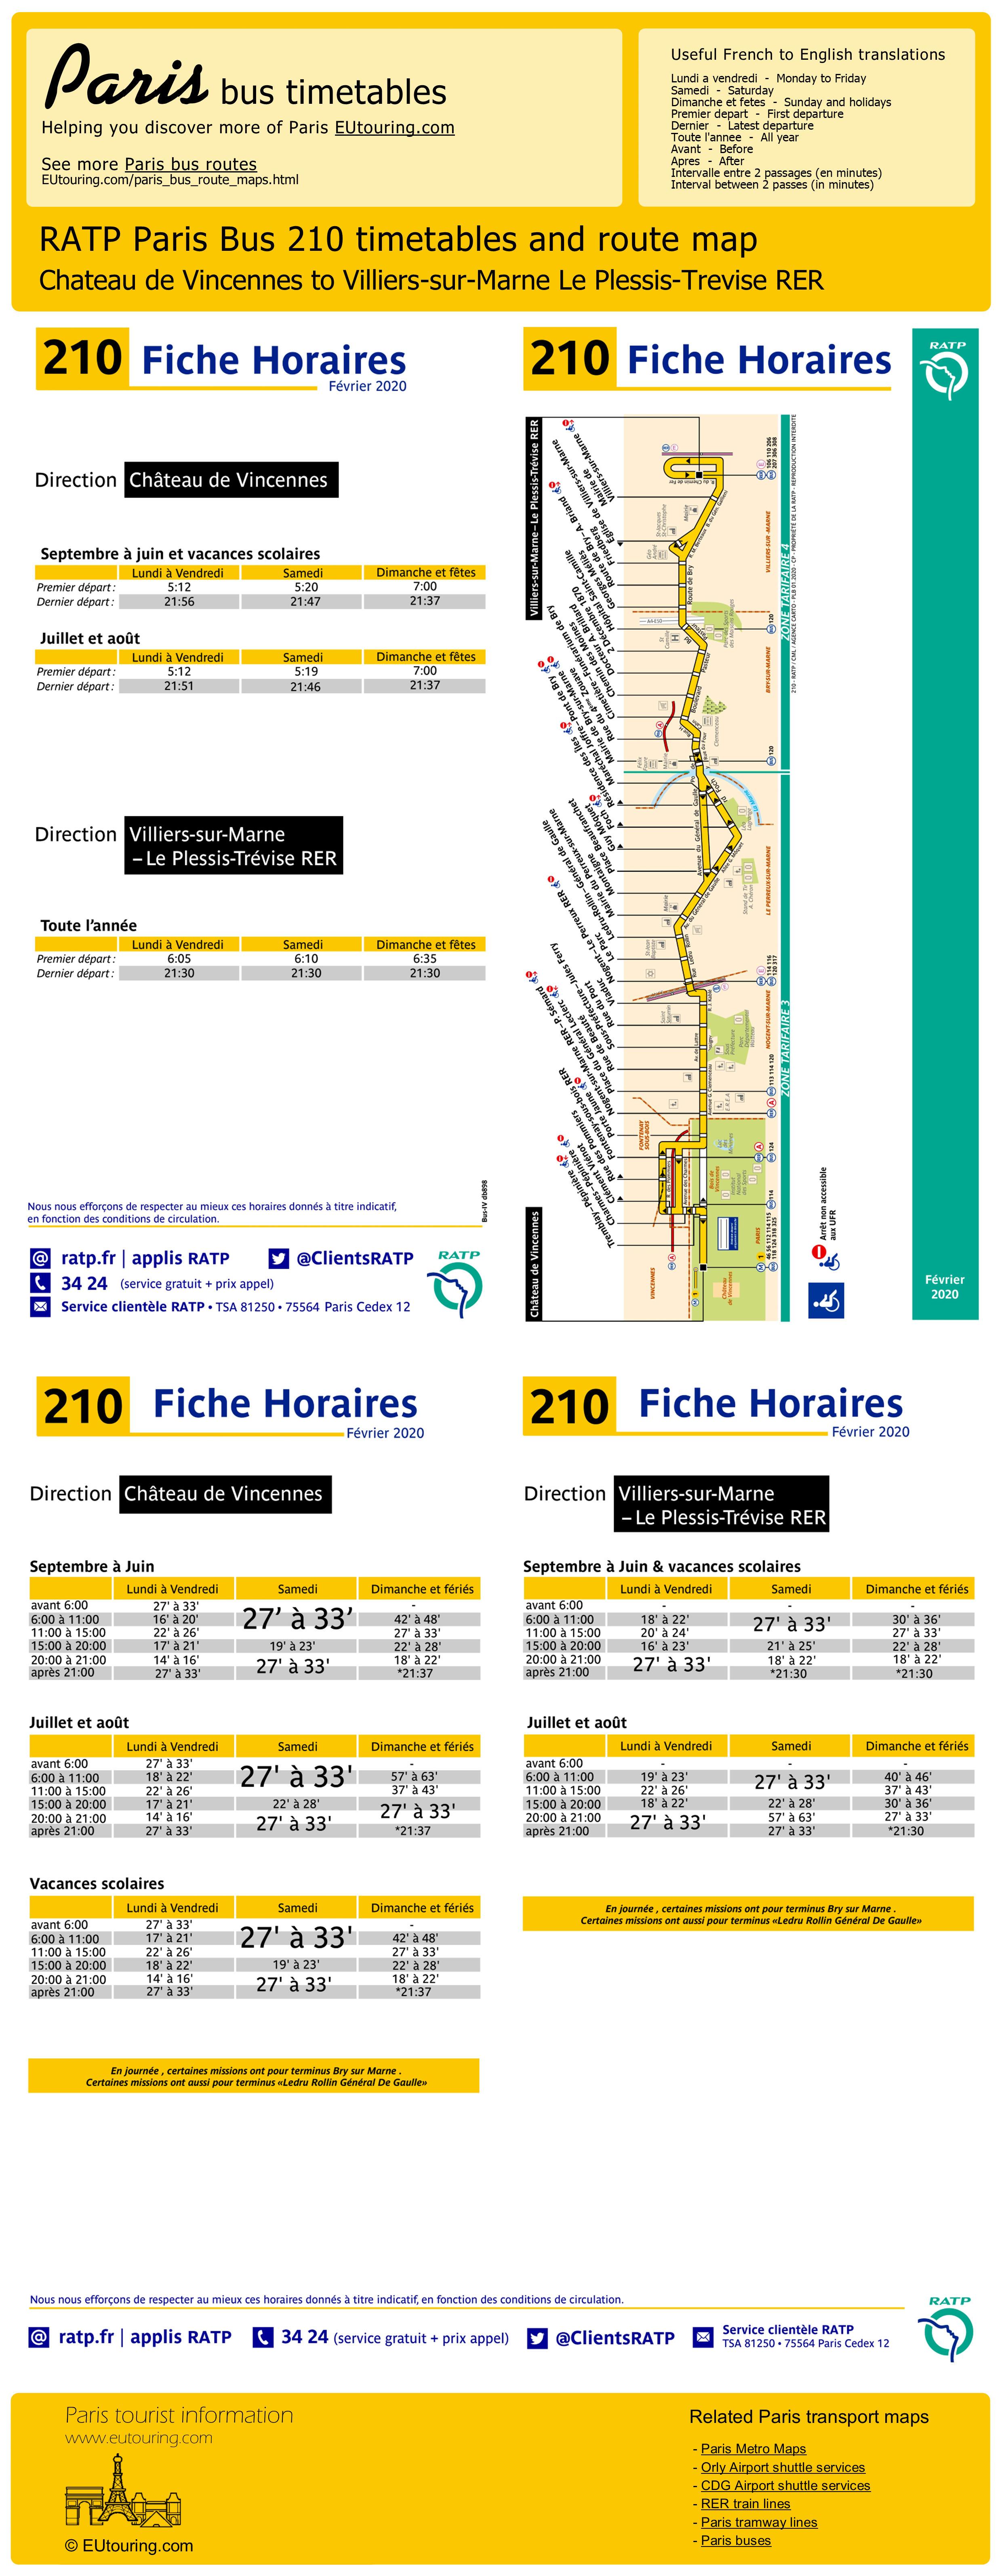 Ratp Bus Maps Timetables For Paris Bus Lines 210 To 219